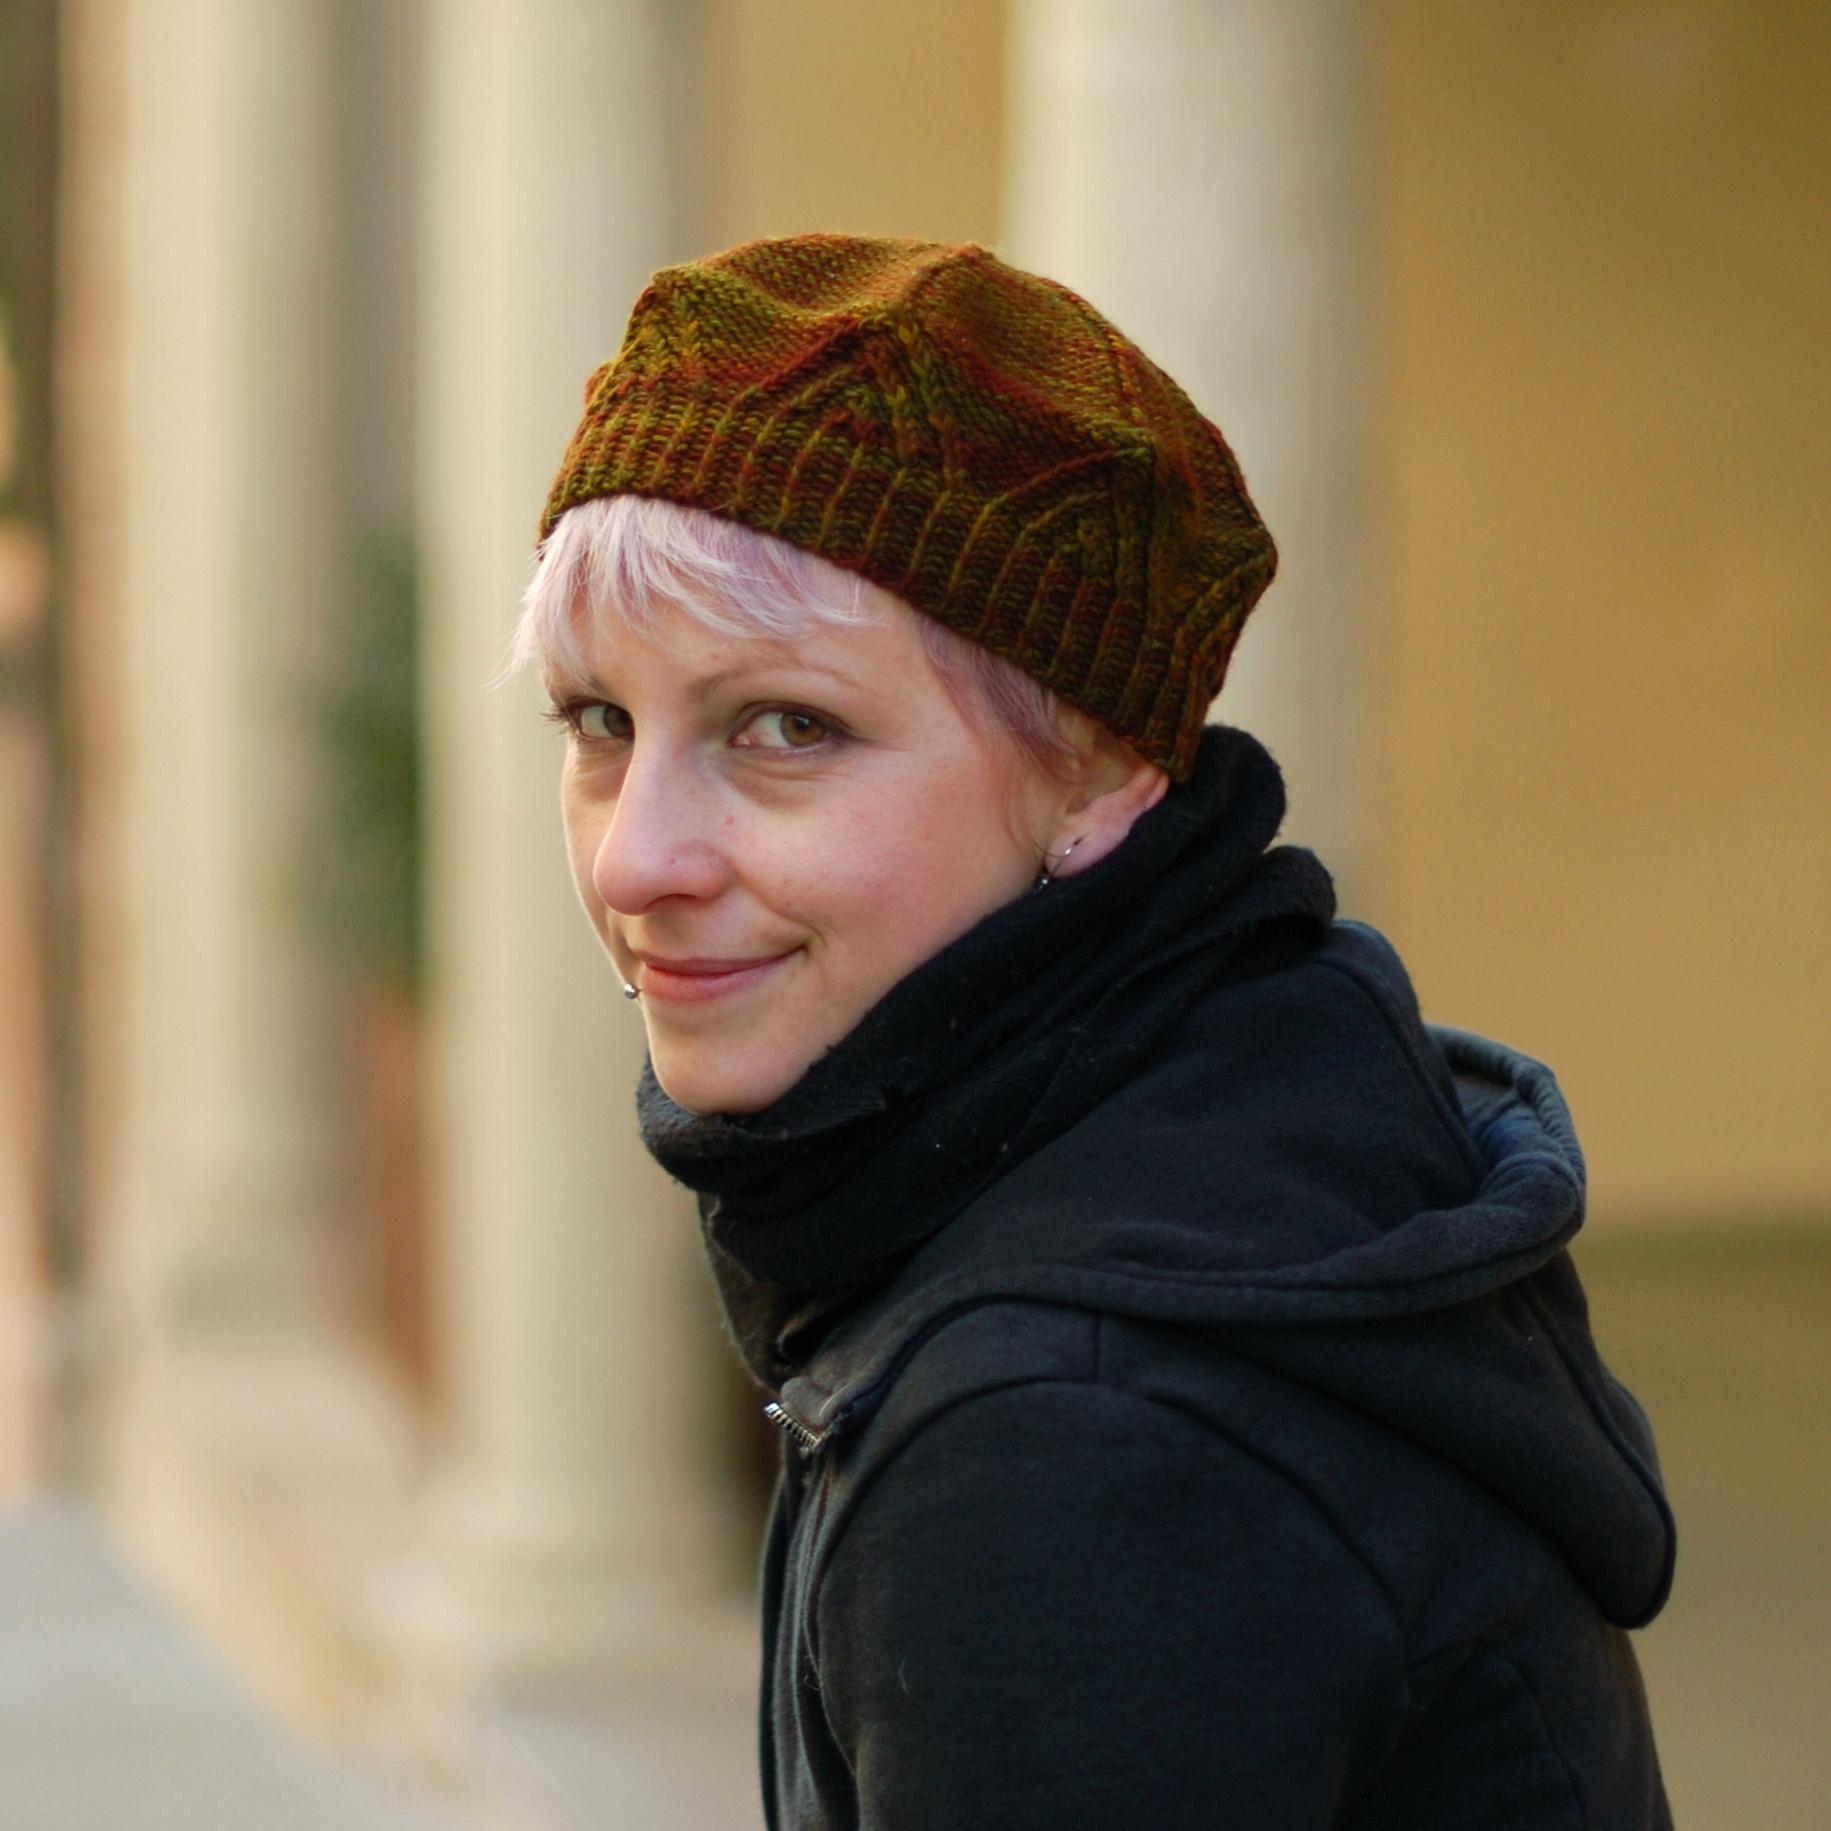 Medici renaissance tam knitting pattern